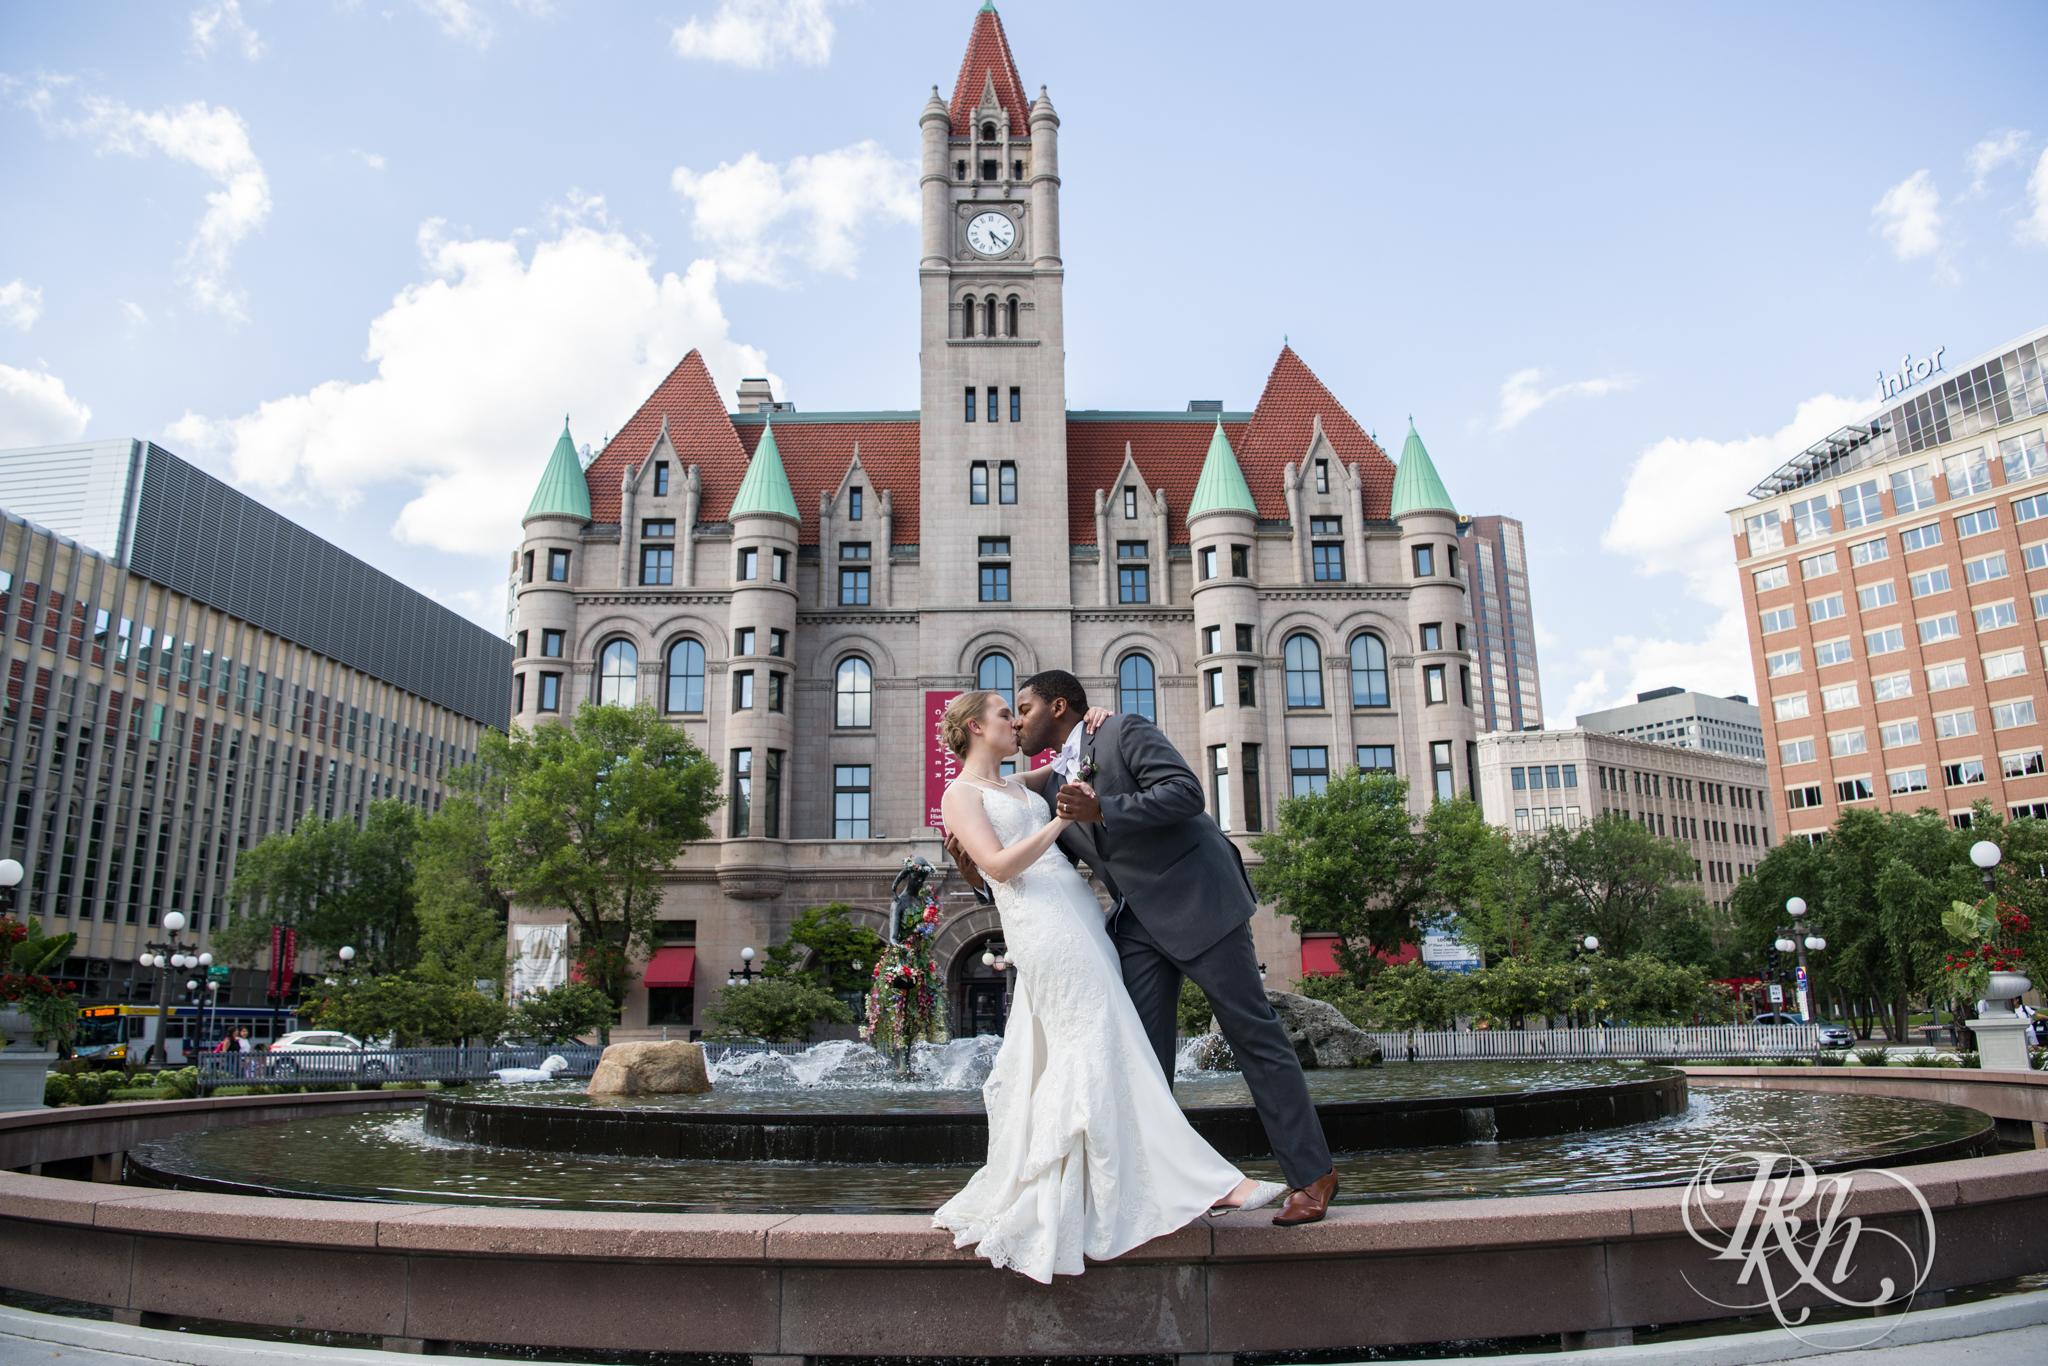 Laura and Adekunle - Minnesota Wedding Photographer - Minnesota History Center - RKH Images - Blog (43 of 75).jpg